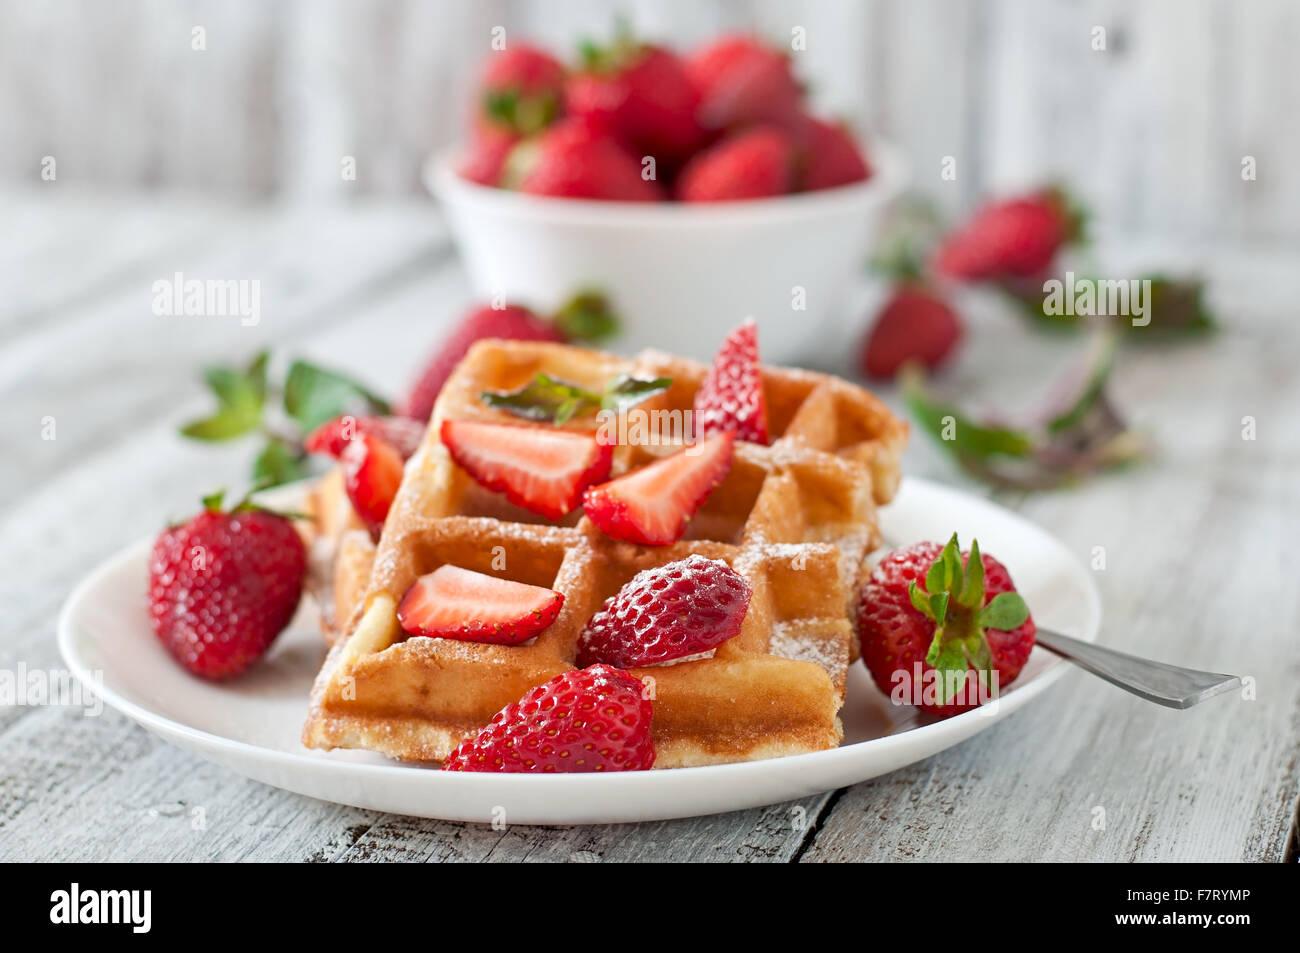 Belgique gaufres aux fraises et menthe sur plaque blanche. Photo Stock